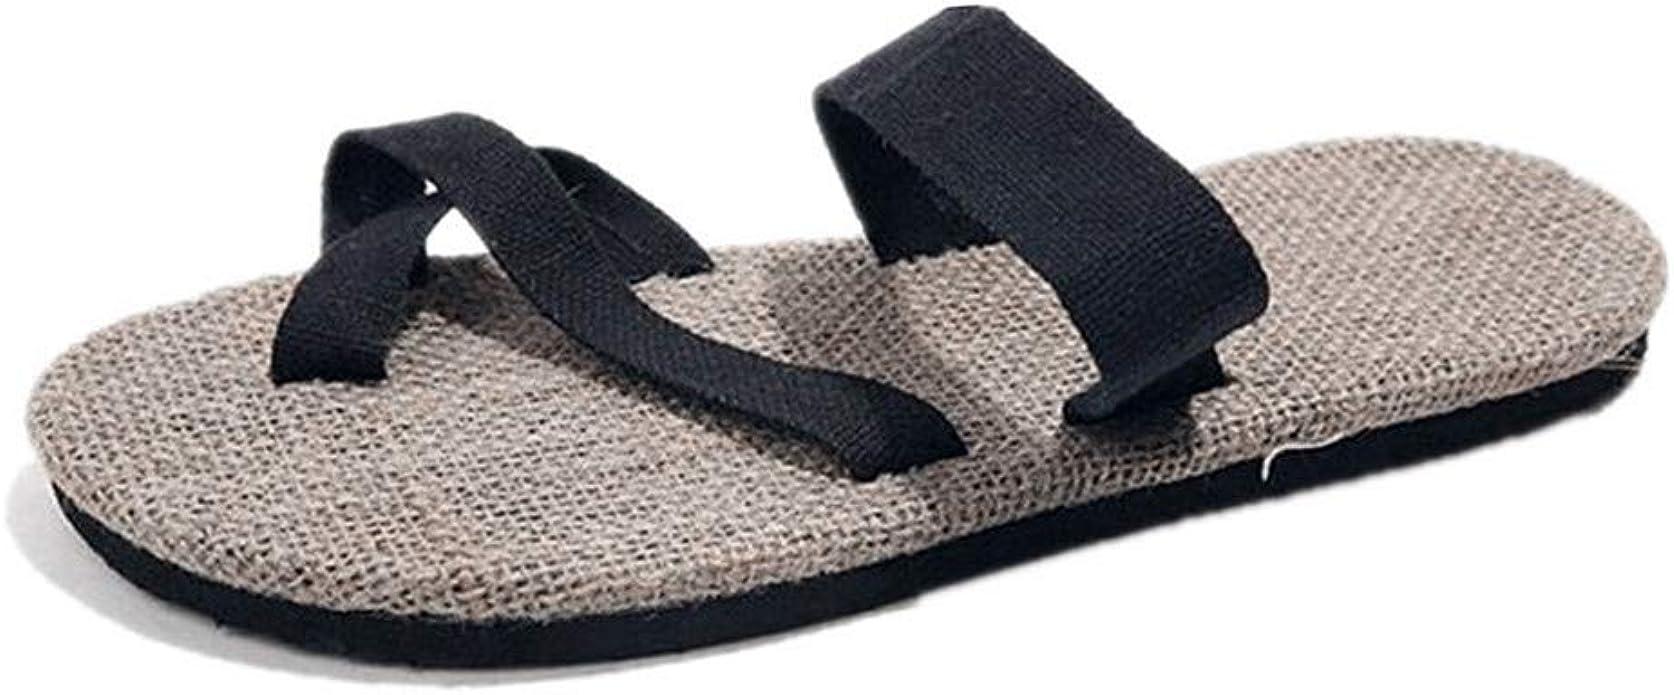 Amazon Com Men S Beach Wedding Flip Flops Vintage Thong Slides Sandals Casual Summer Mules Clogs Shoes Shoes